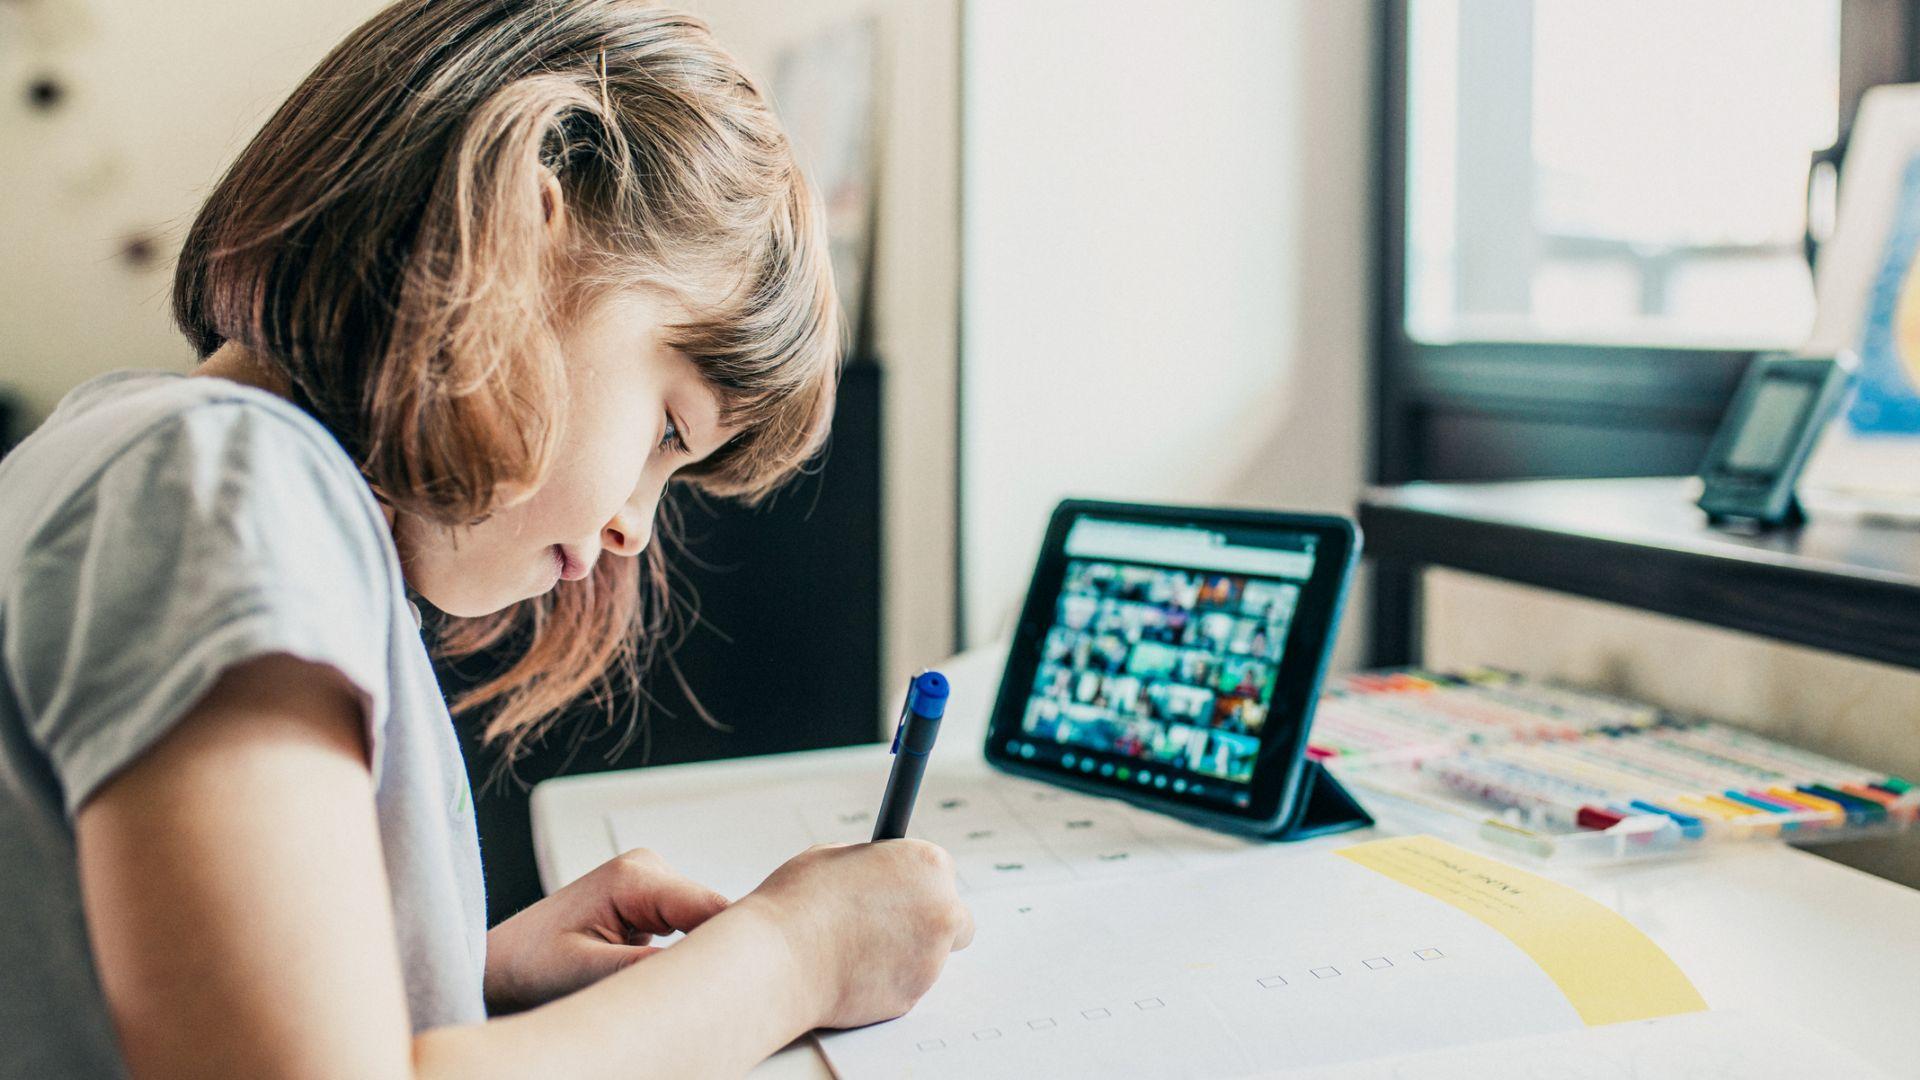 Изборът на устройство е ключов при изграждането на пълноценна обстановка за дистанционно обучение